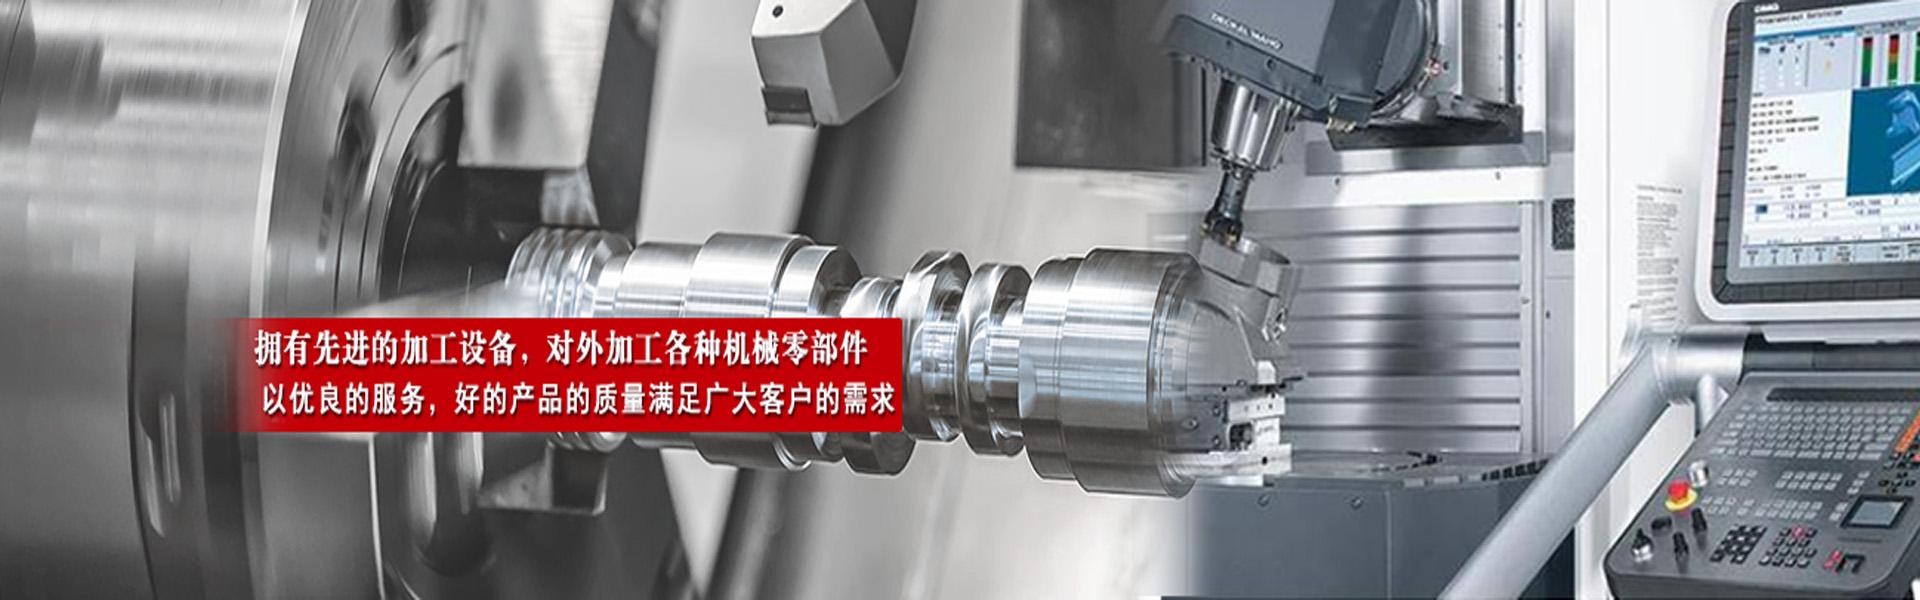 CNC数控加工厂家